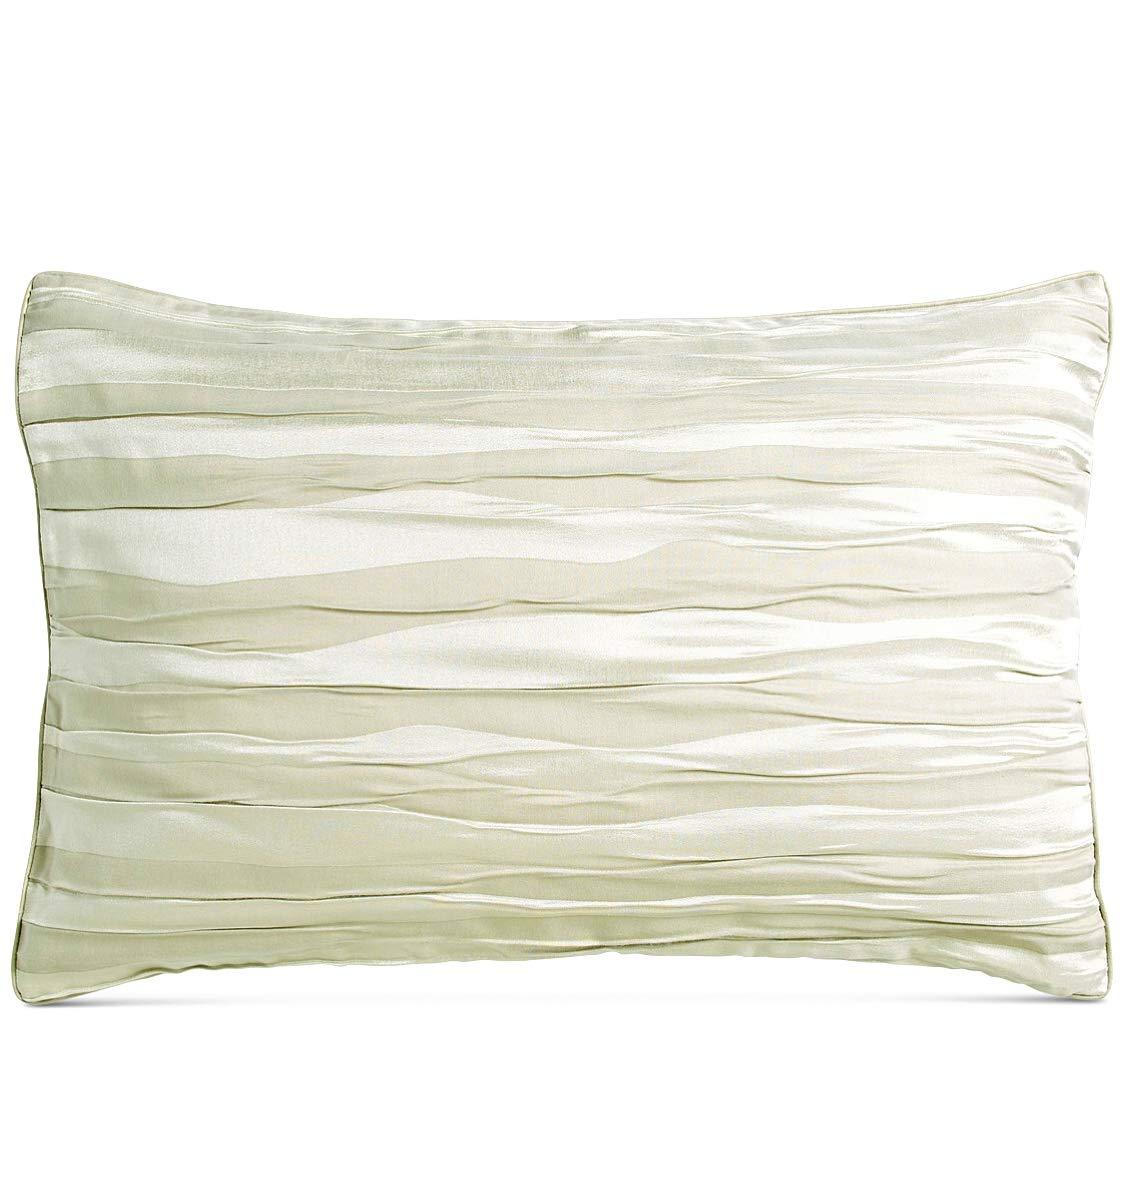 Donna Karan Tidal Silver King Sham Ruched Design